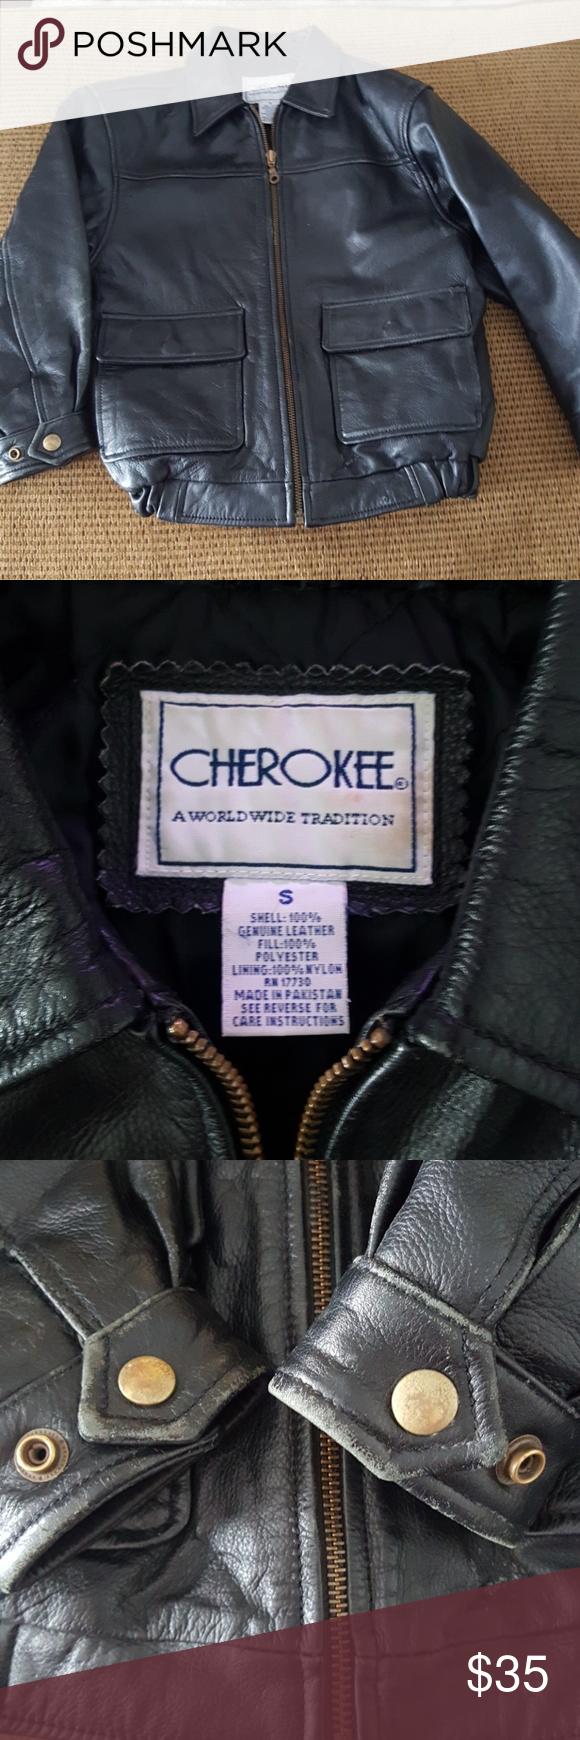 Kids Leather Bomber Jacket Leather Bomber Jacket Leather Bomber Jackets [ 1740 x 580 Pixel ]